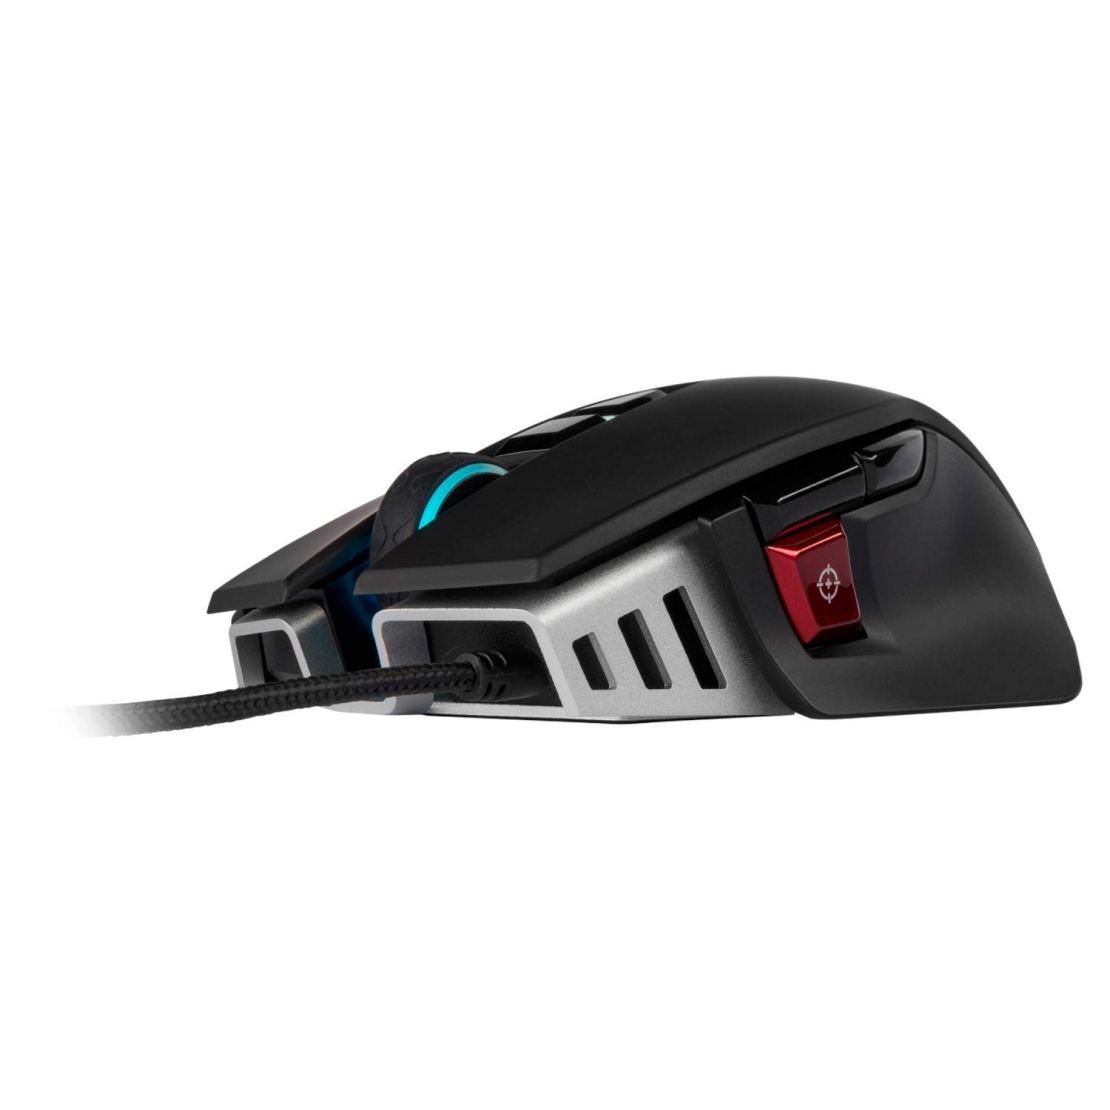 61k%2Bidm3xEL. SL1500  - 10 Best Gaming Mouse 2019